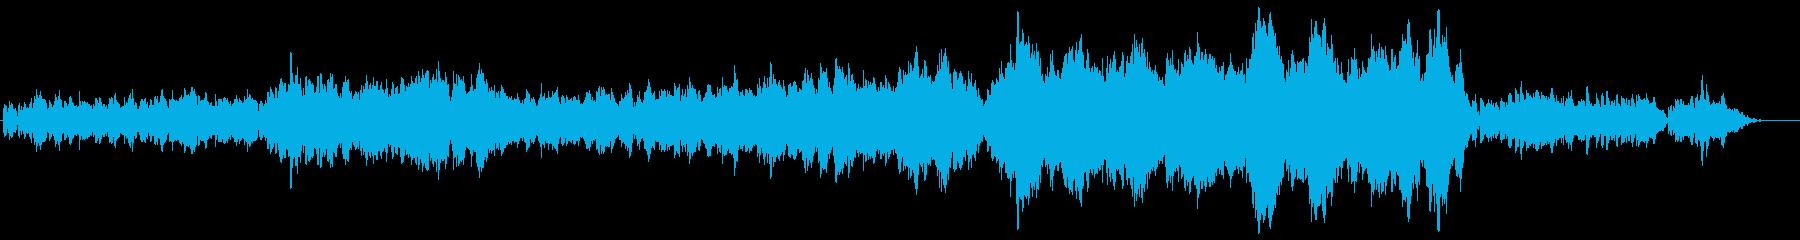 ほのぼのしたインスト曲の再生済みの波形